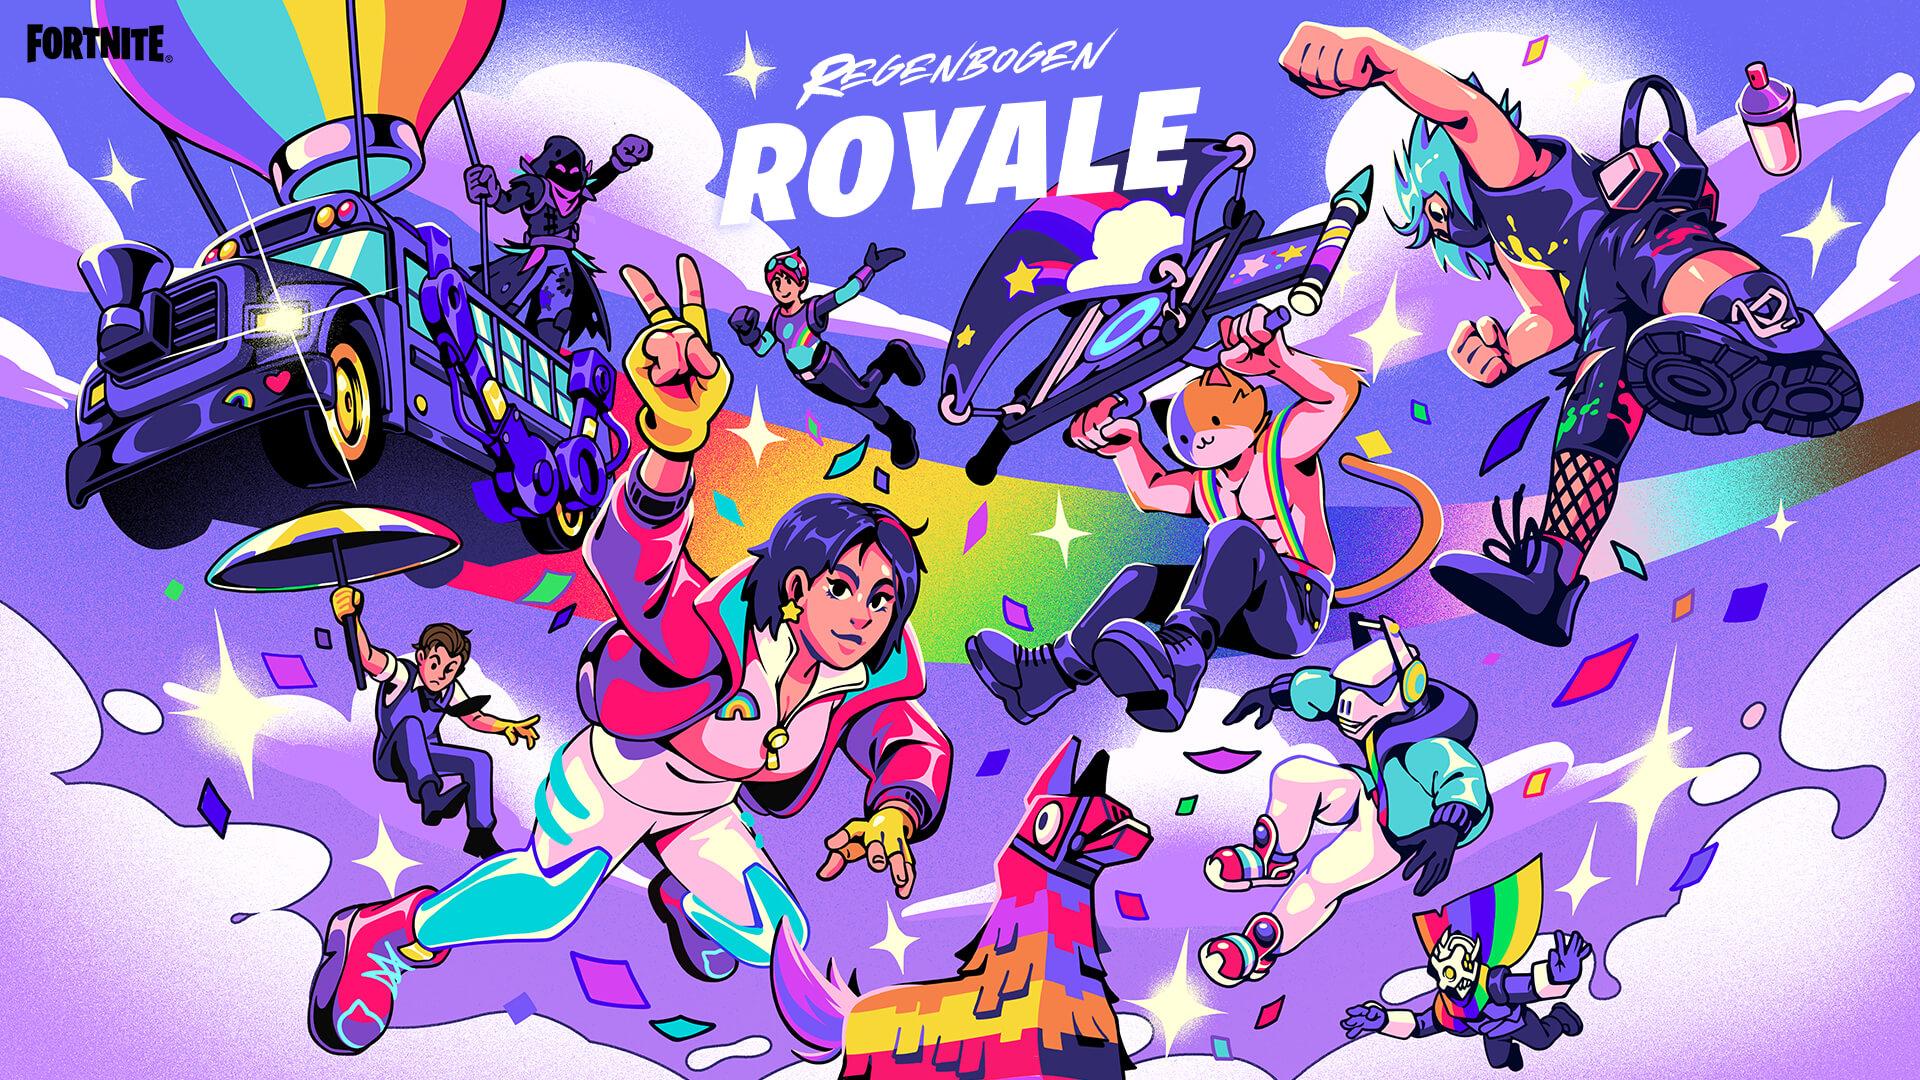 DE 17BR RainbowRoyale KeyArt Social